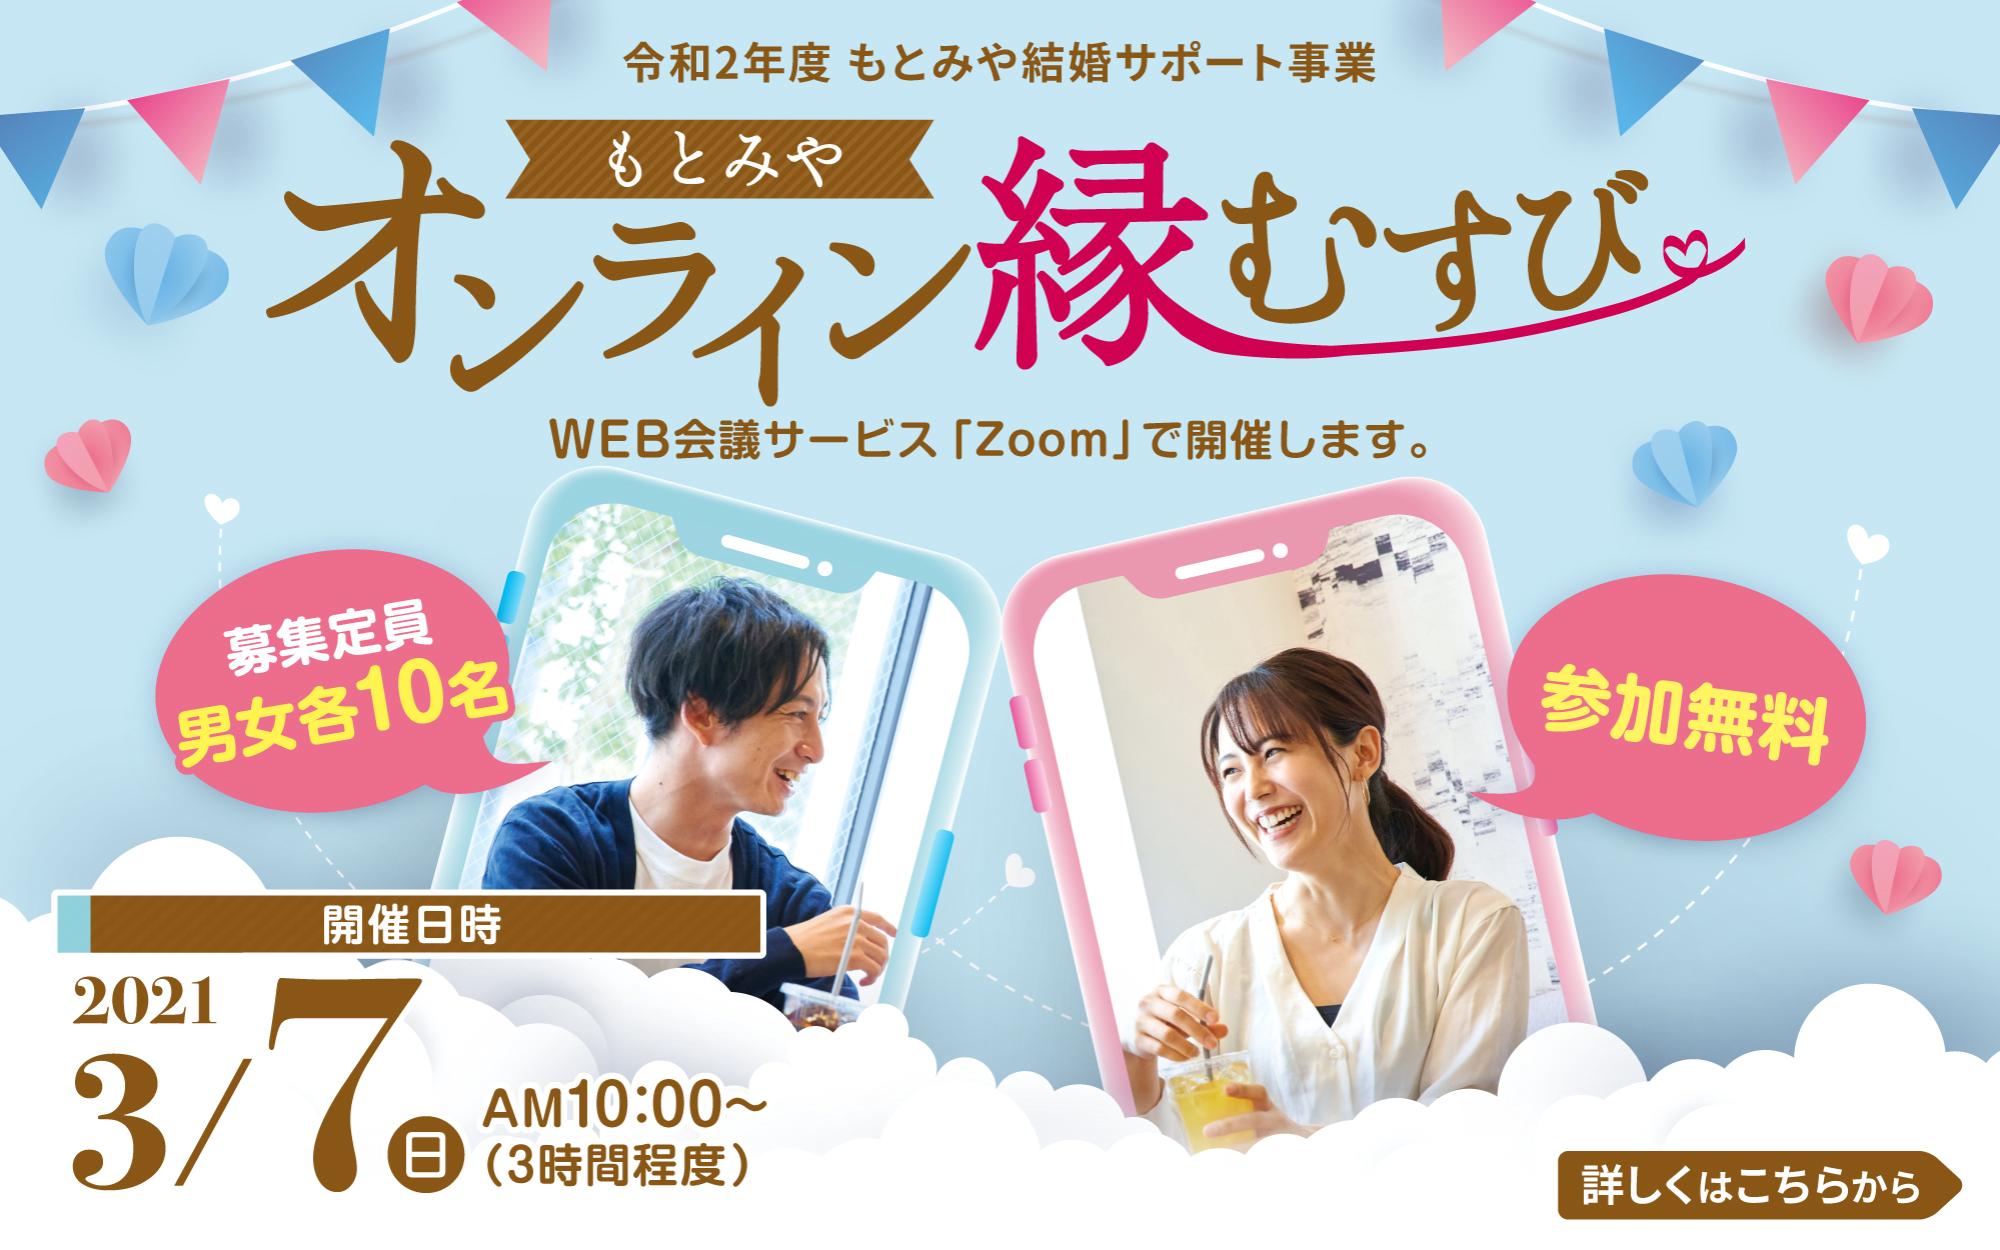 【参加者募集中】3/7開催!もとみやオンライン縁むすび